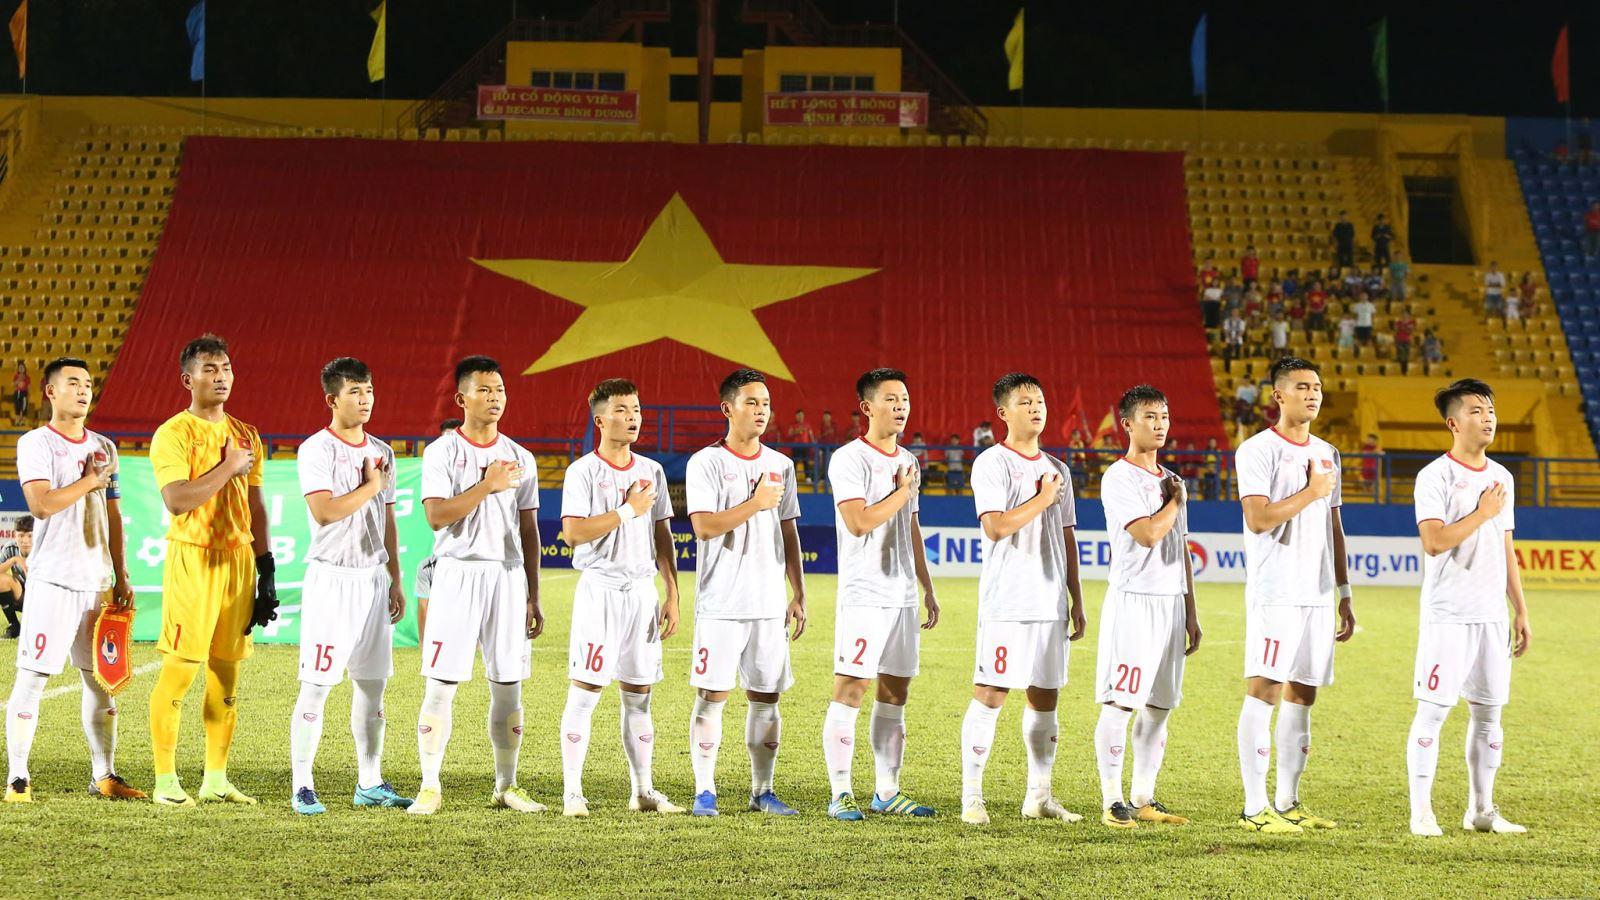 Trực tiếp bóng đá hôm nay: U18 Đông Nam Á, U22 Việt Nam, Futsal Thái Sơn Nam